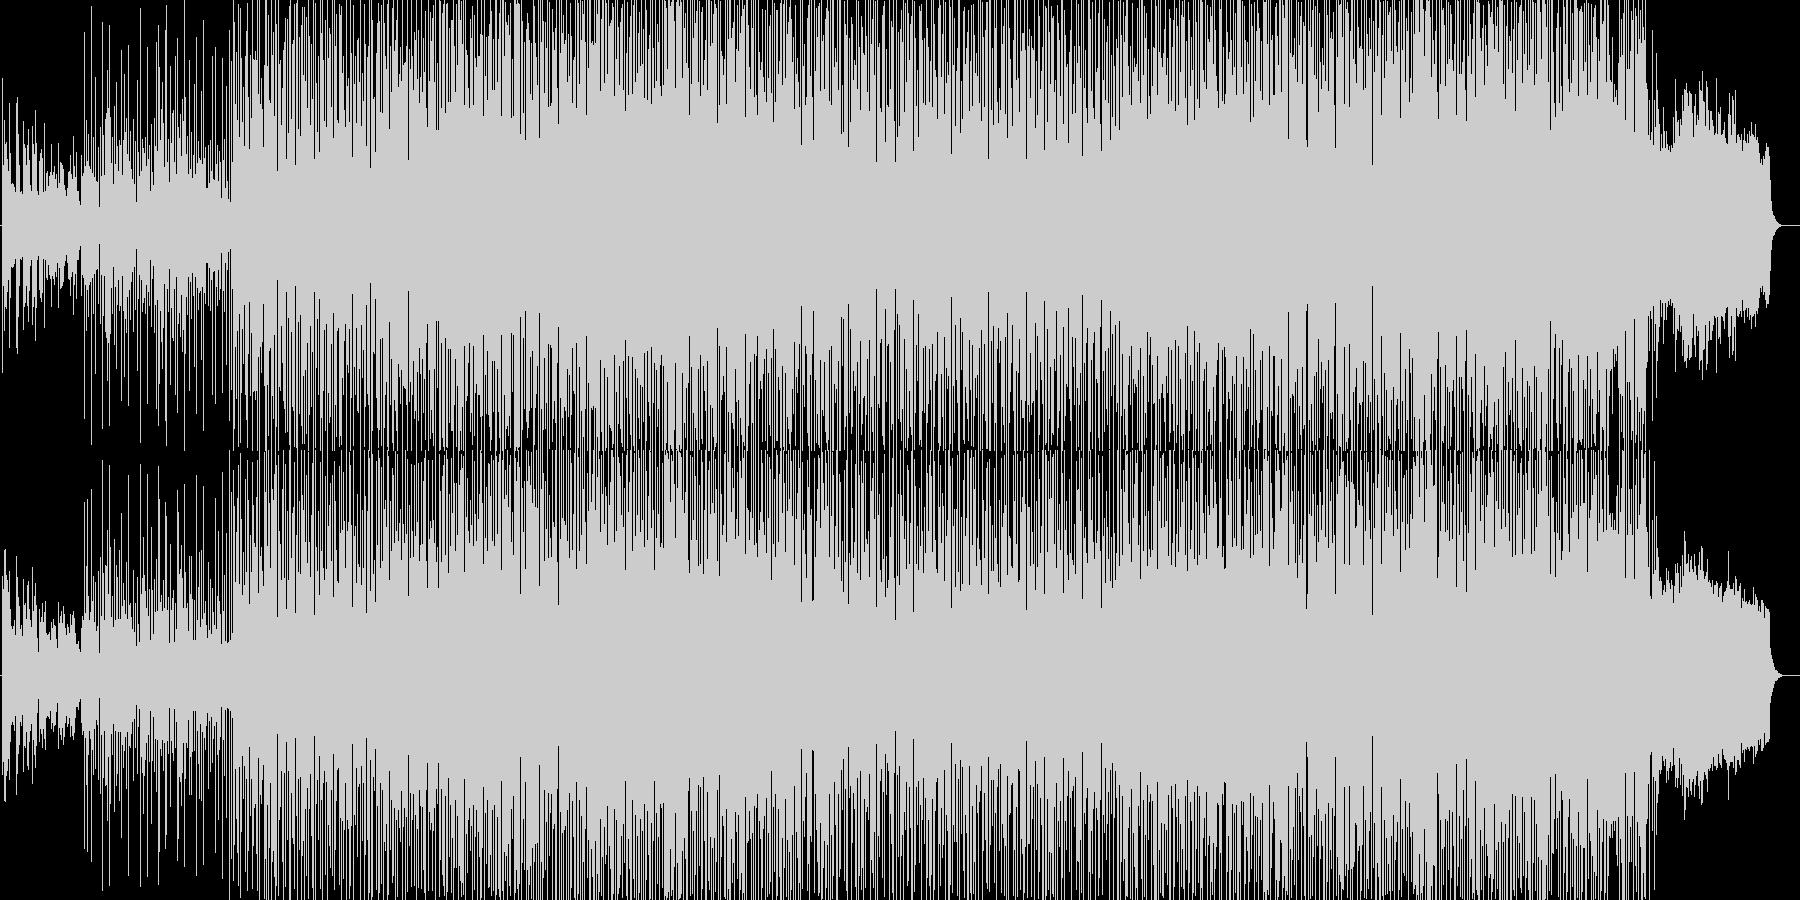 記念日動画に最適な軽やかなR&Bバラードの未再生の波形